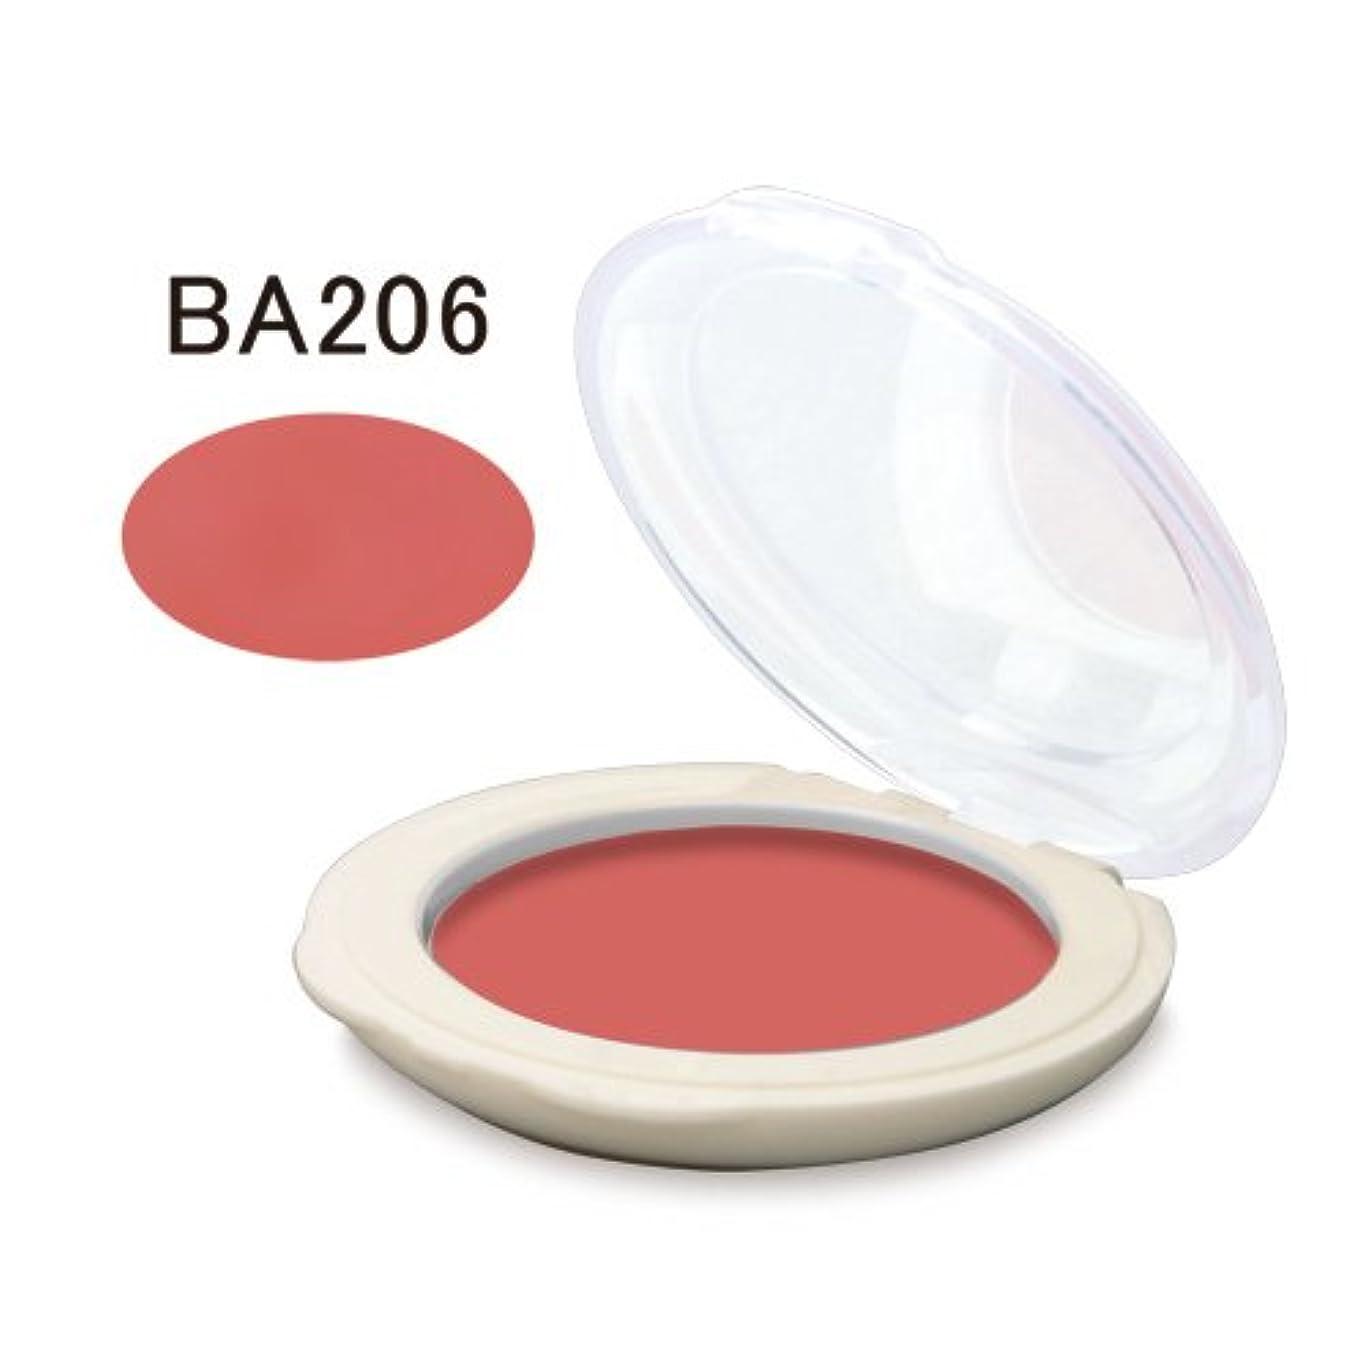 用量摩擦航空機舞台屋リップ(パール系) (BA206)